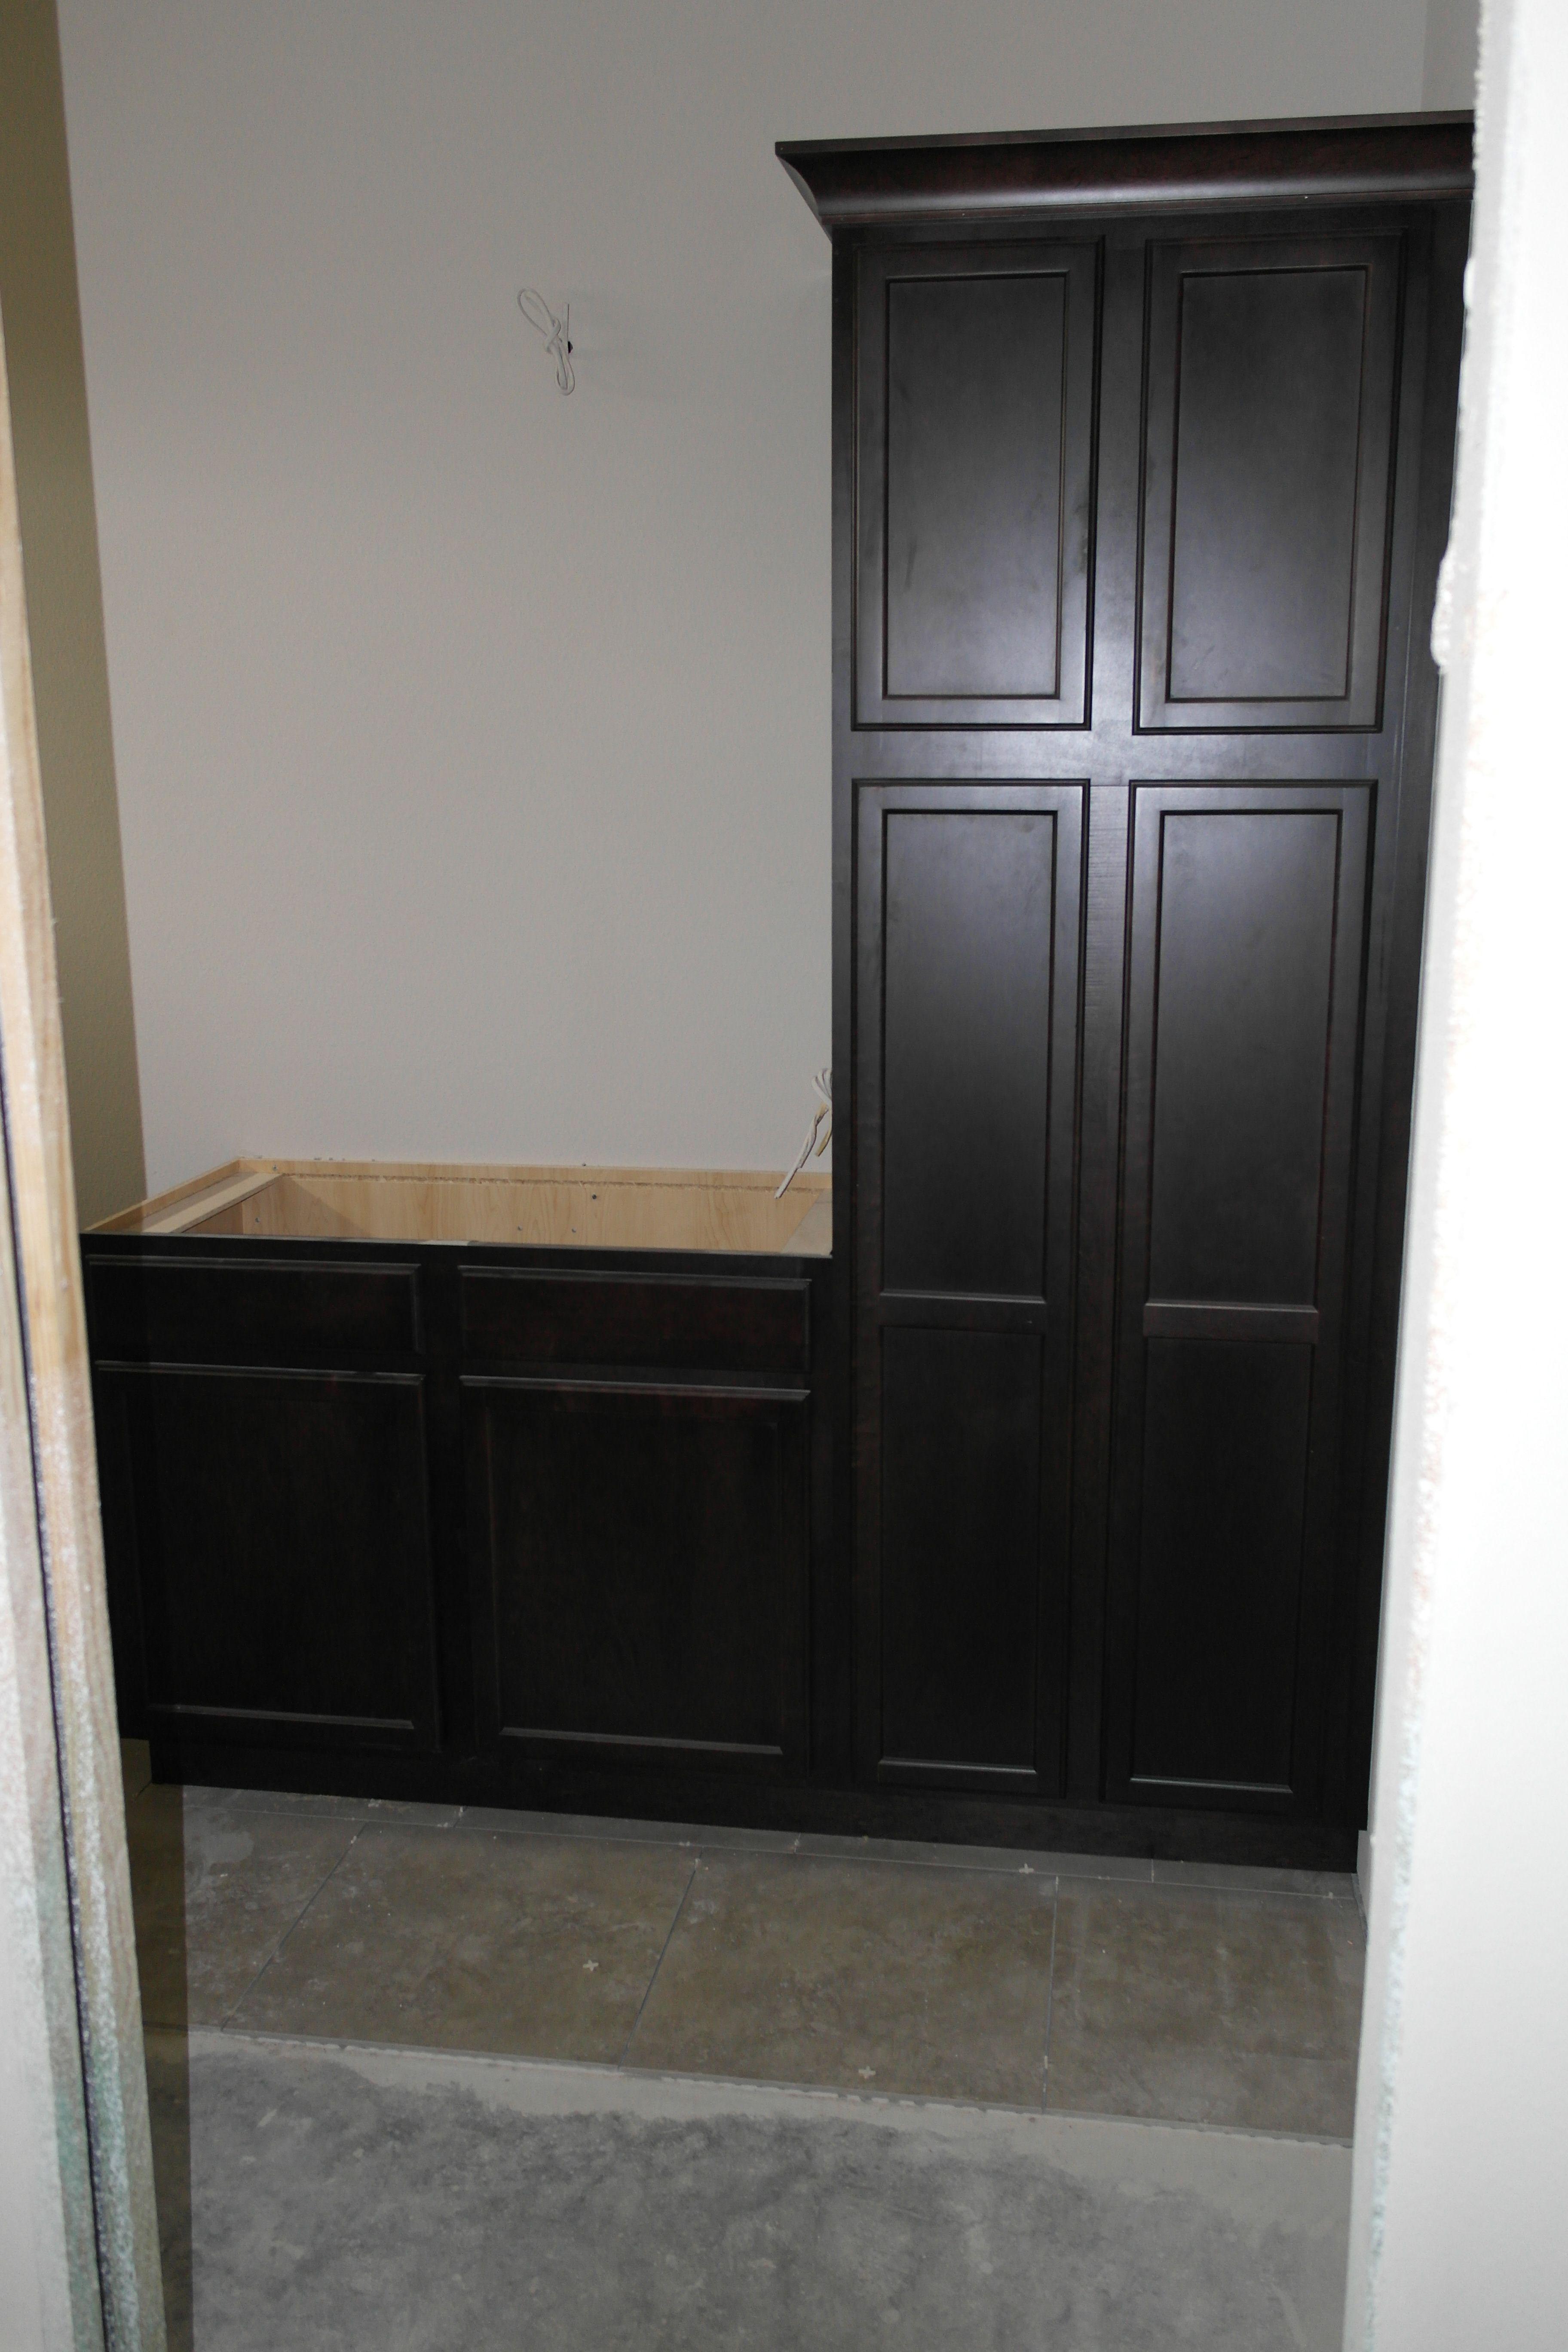 built in linen closet and vanity in bathroom 2 under construction rh pinterest com Bathroom Linen Closet with Vanity Combo Bath Linen Closet with Vanity